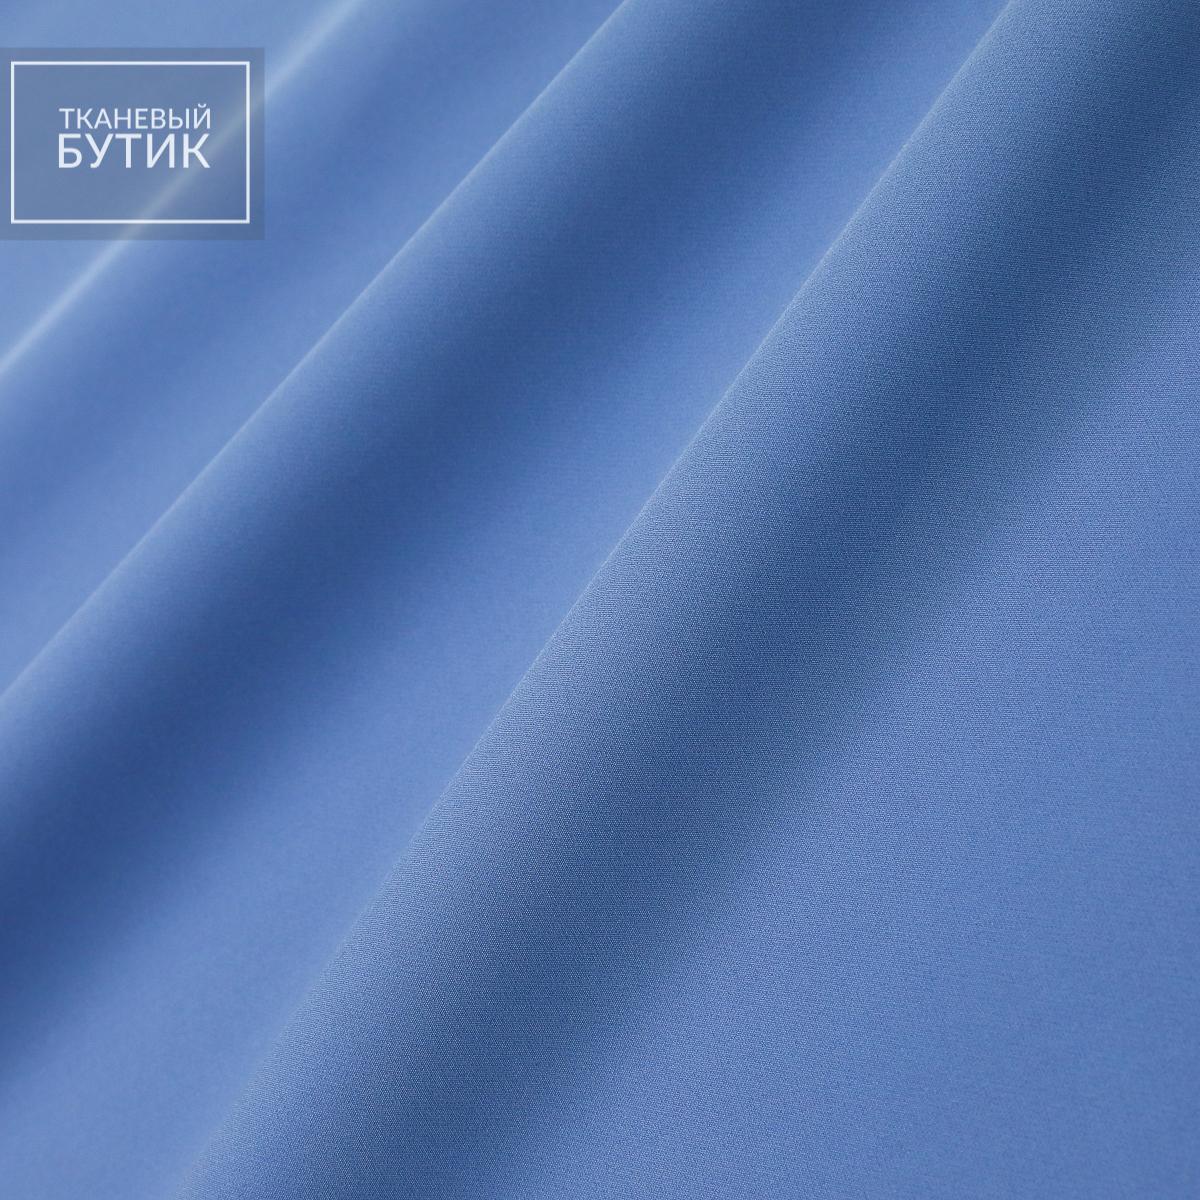 Креп полиэстеровый с эластаном приглушенного серо-синего цвета